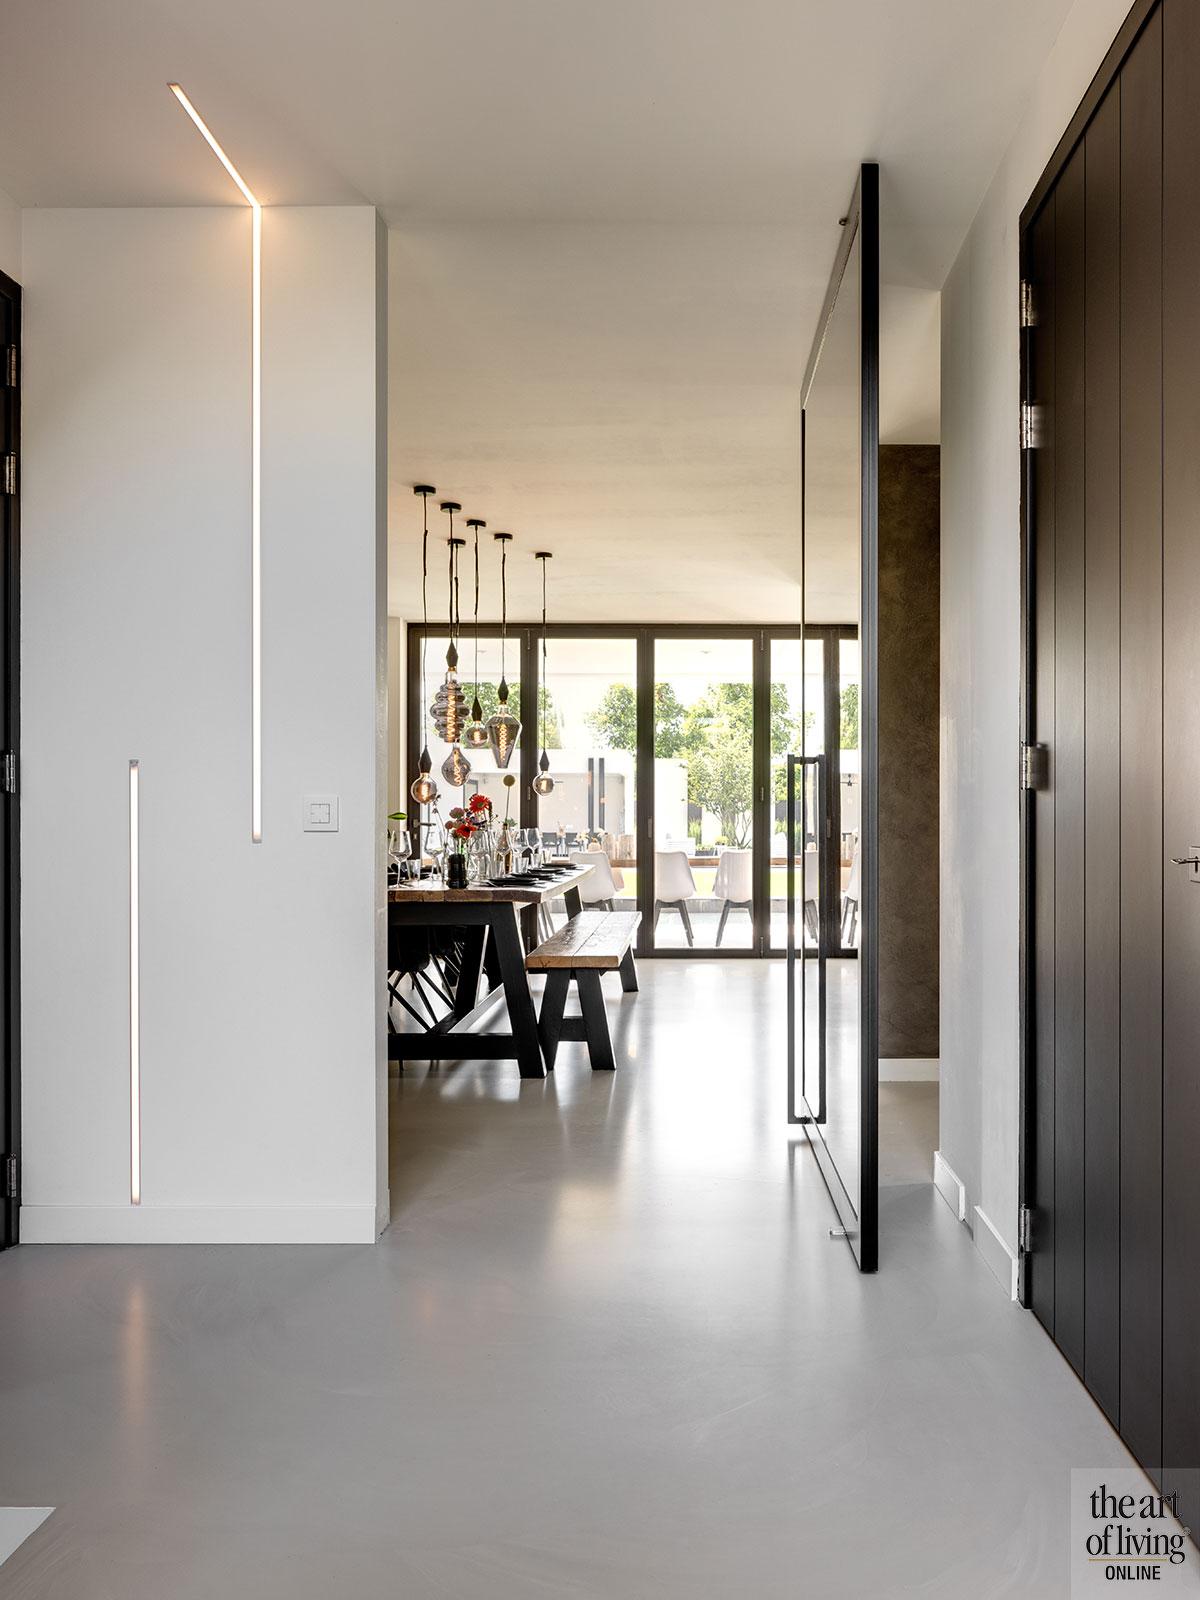 zwarte keuken | Bekhuis & KleinJan, the art of living